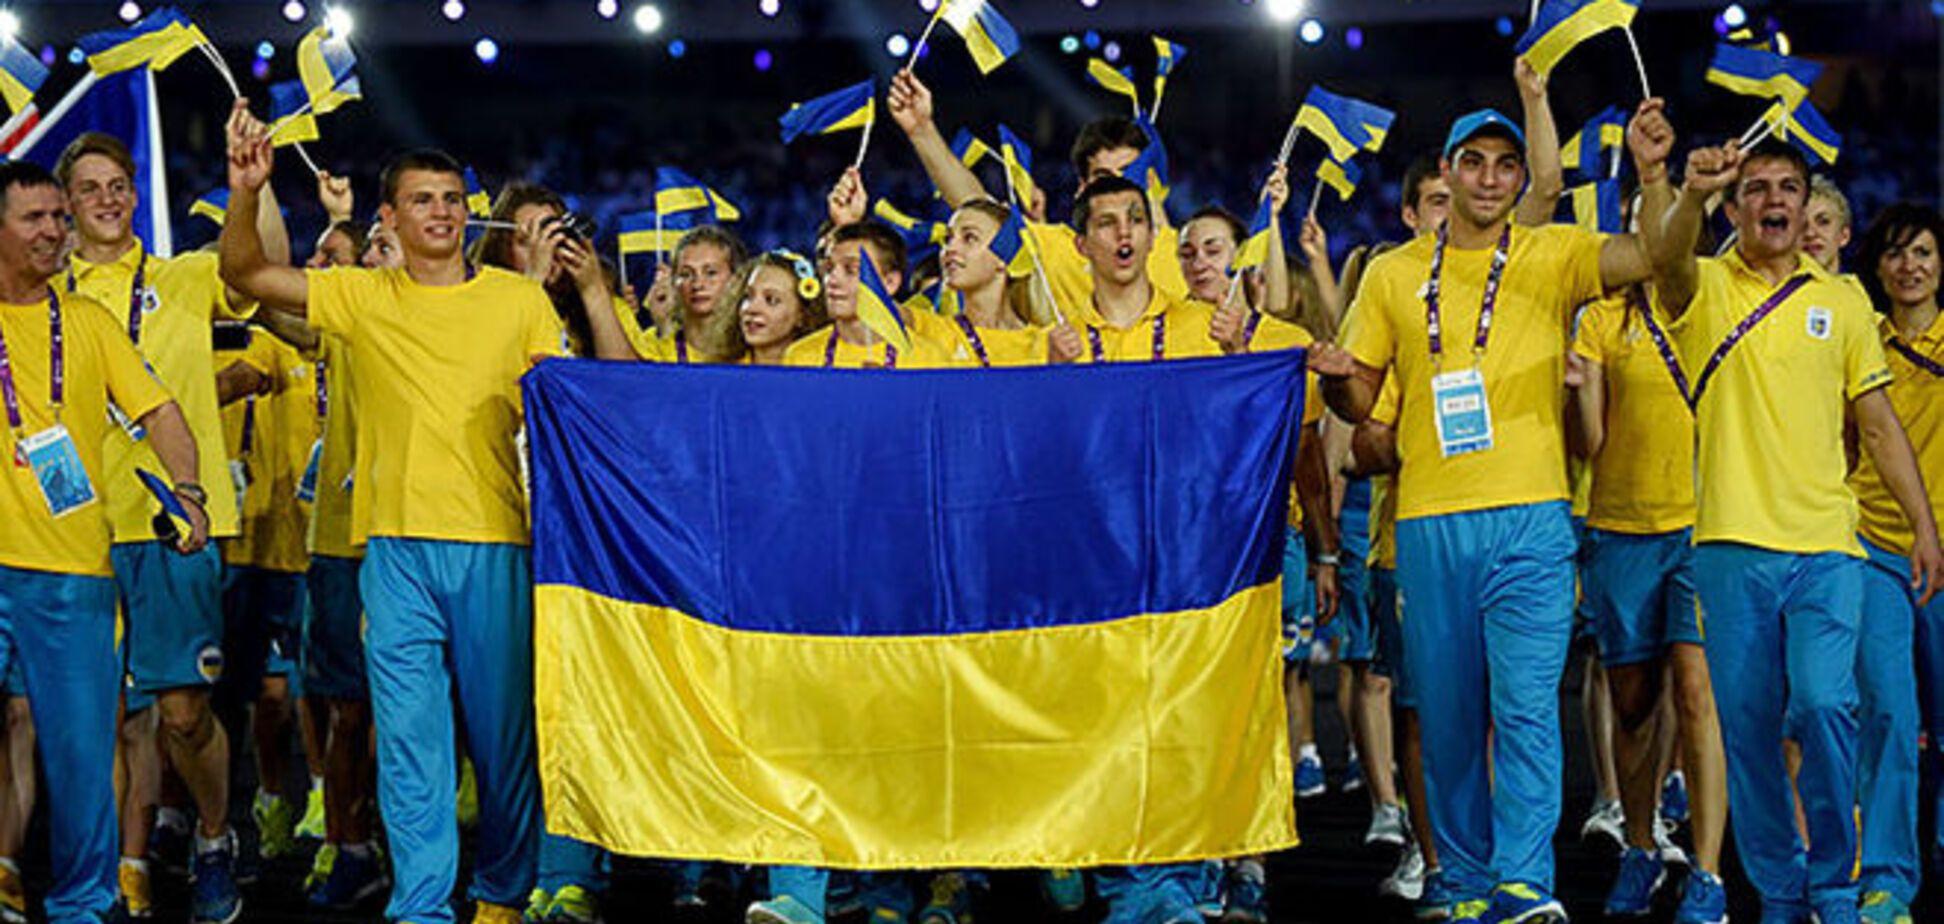 Не выживать, а зарабатывать! Каково будущее украинского спорта